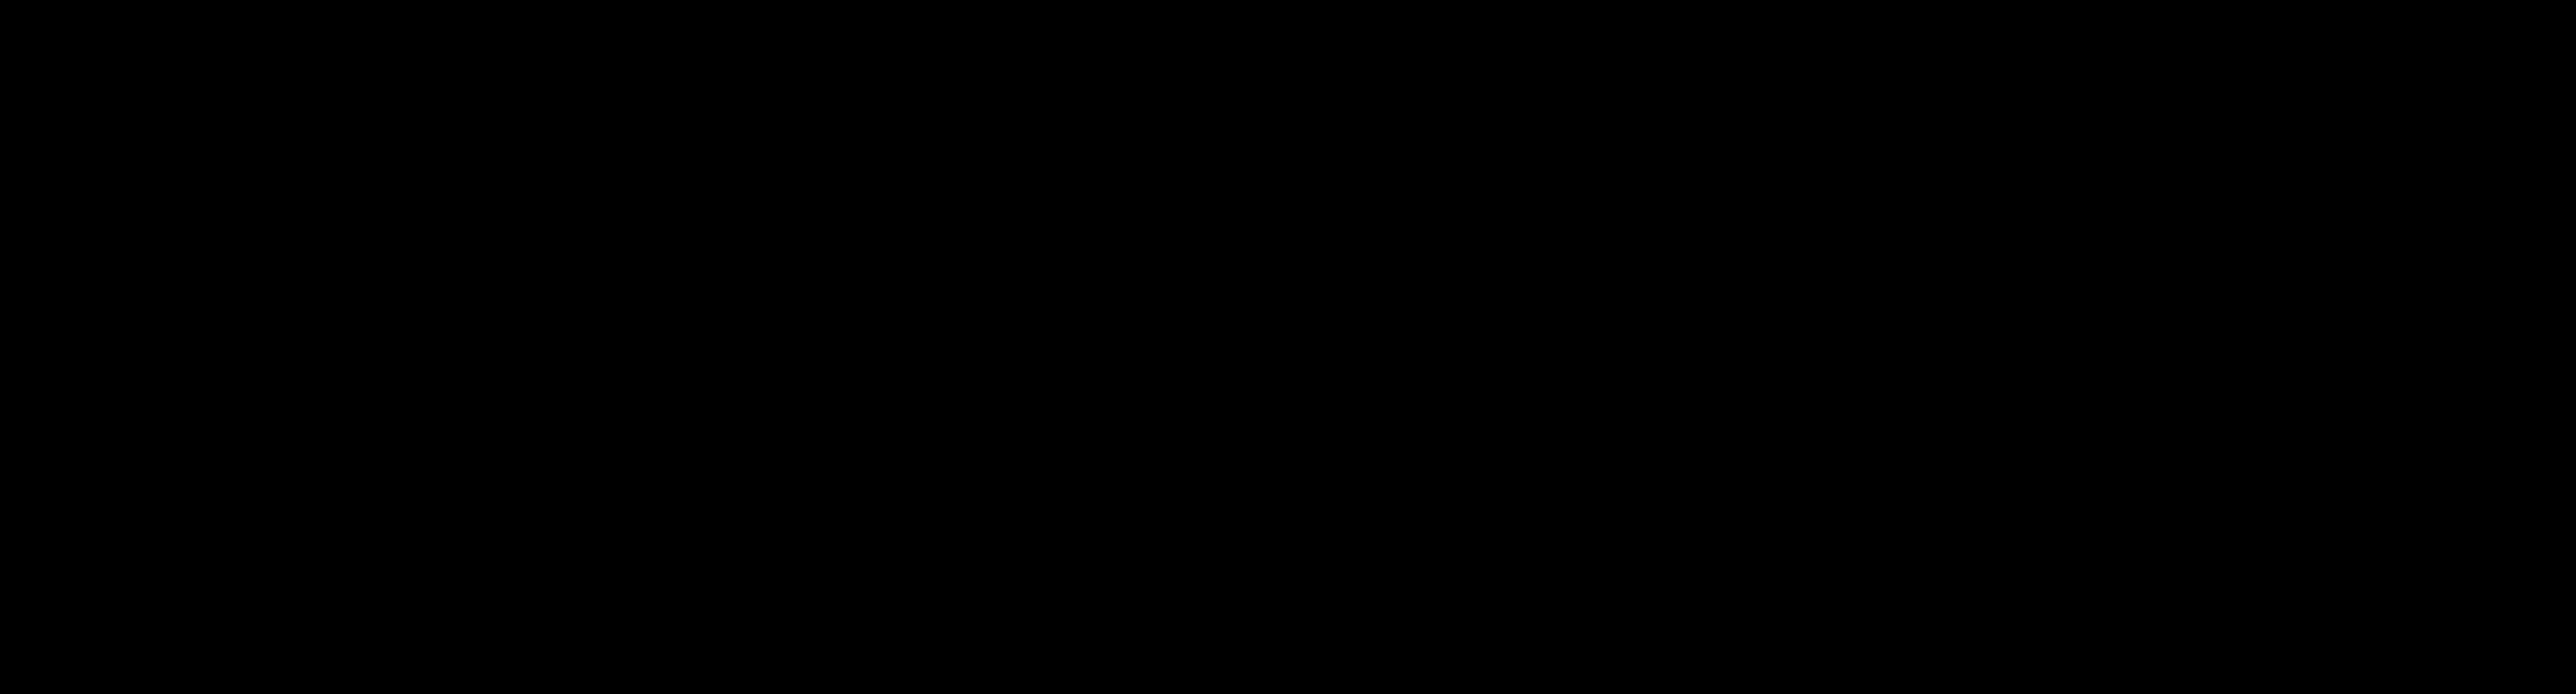 Silhouette,Monochrome,Line